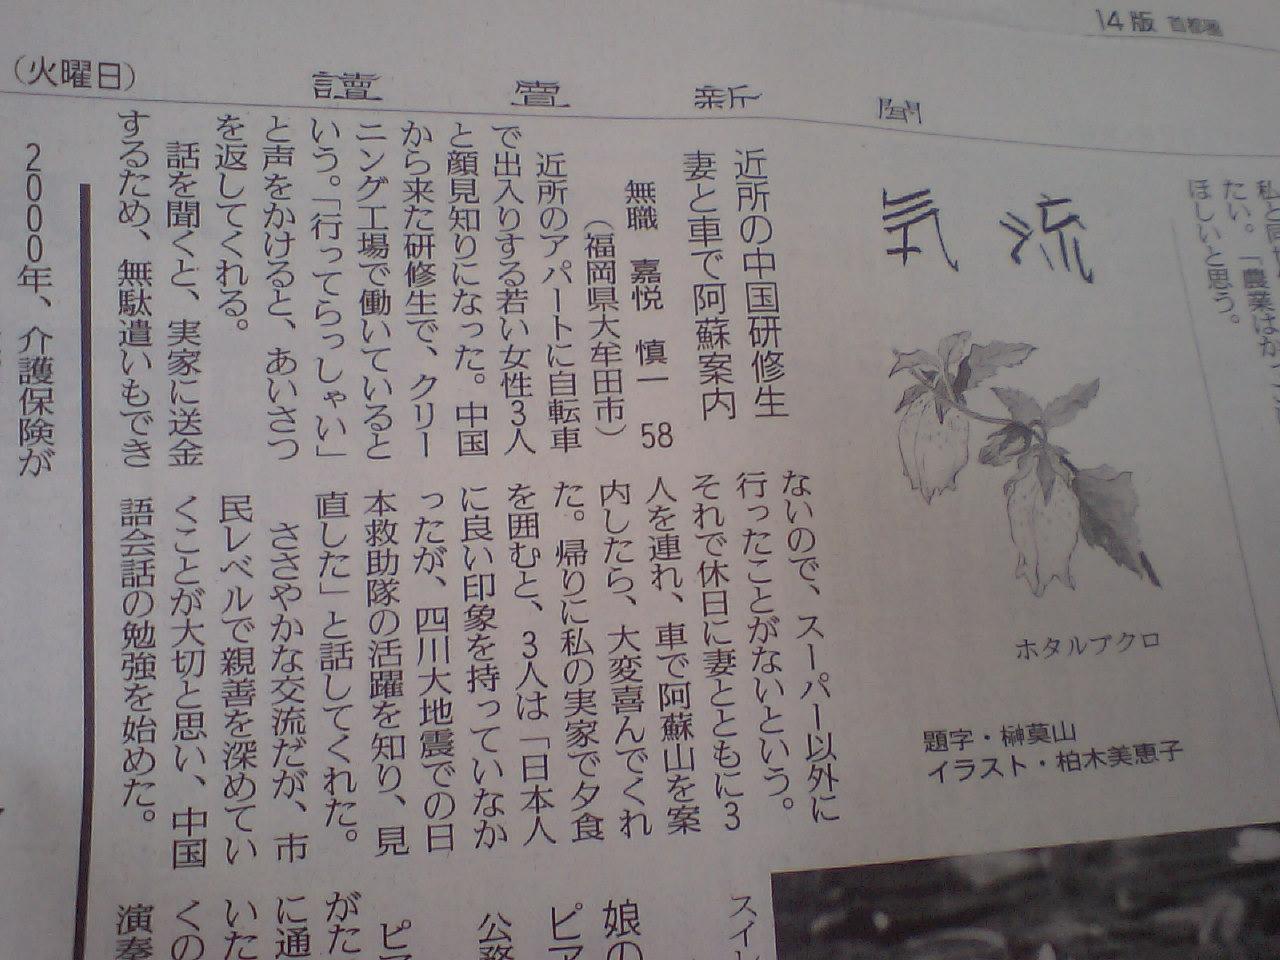 中国研修生にやさしい日本人  7日の読売新聞朝刊_d0027795_8234812.jpg